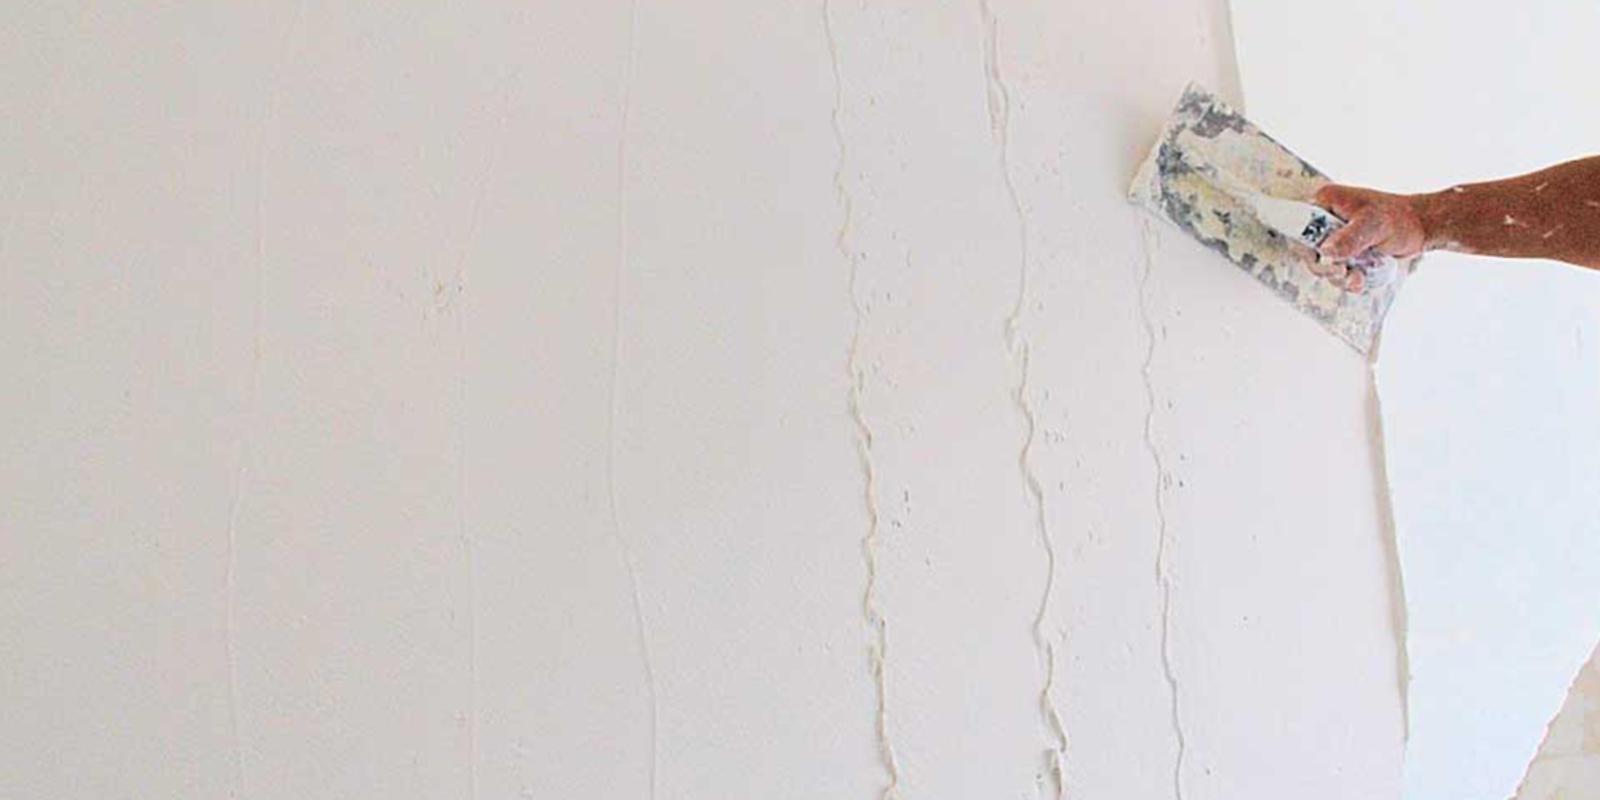 Beroemd Stucwerk verwijderen of toch laten zitten? 2 manieren - Slimster Blog HM47